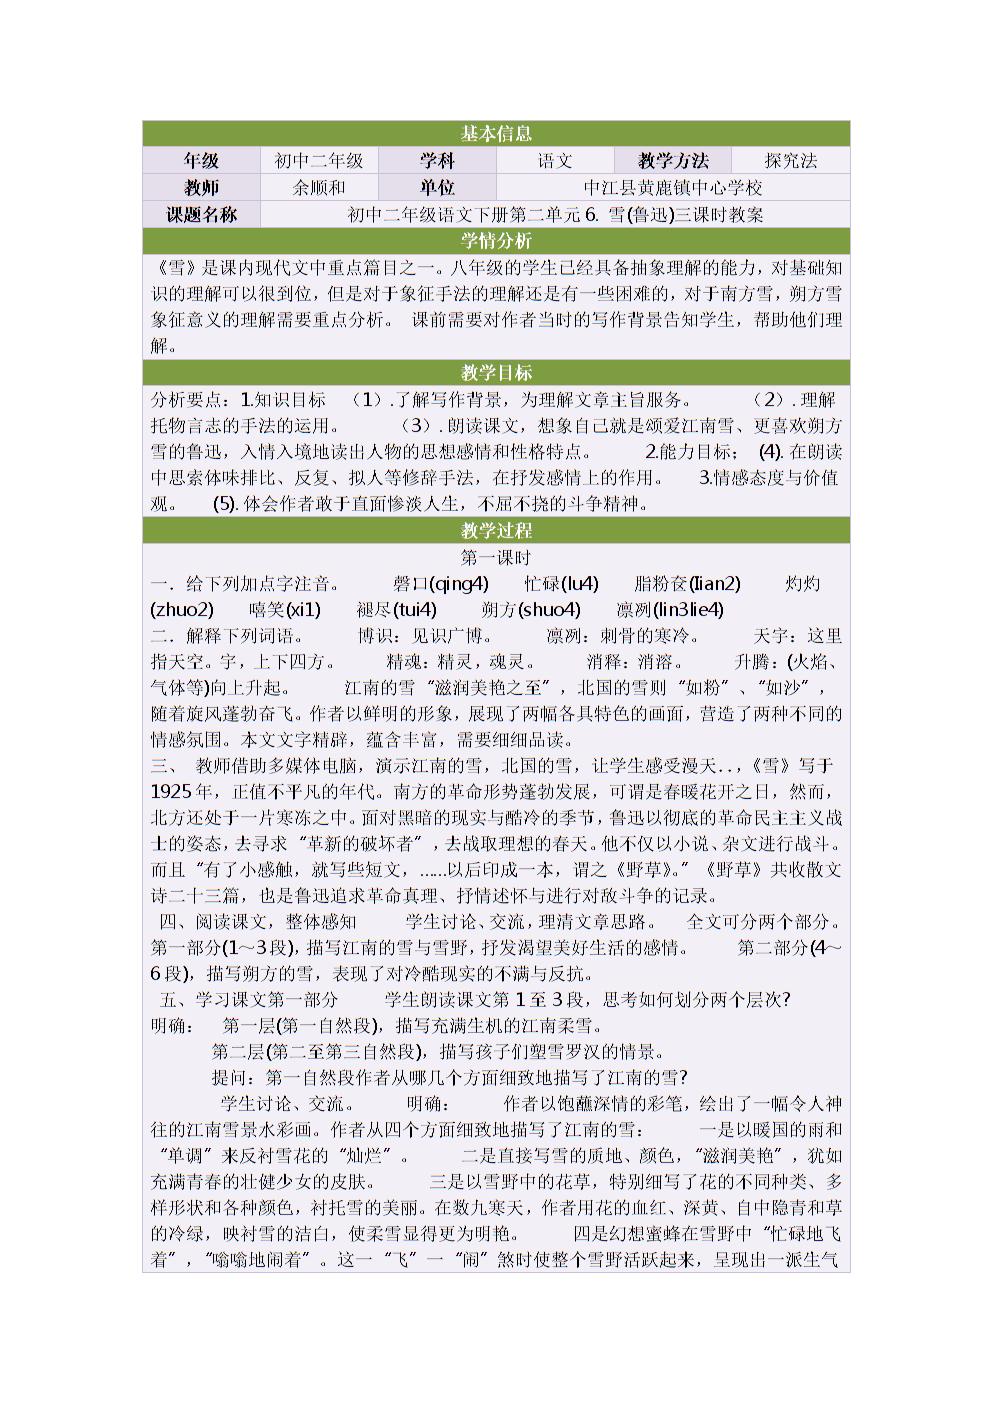 初中二年级语文下册第二单元6雪(鲁迅)第三课时教案.doc